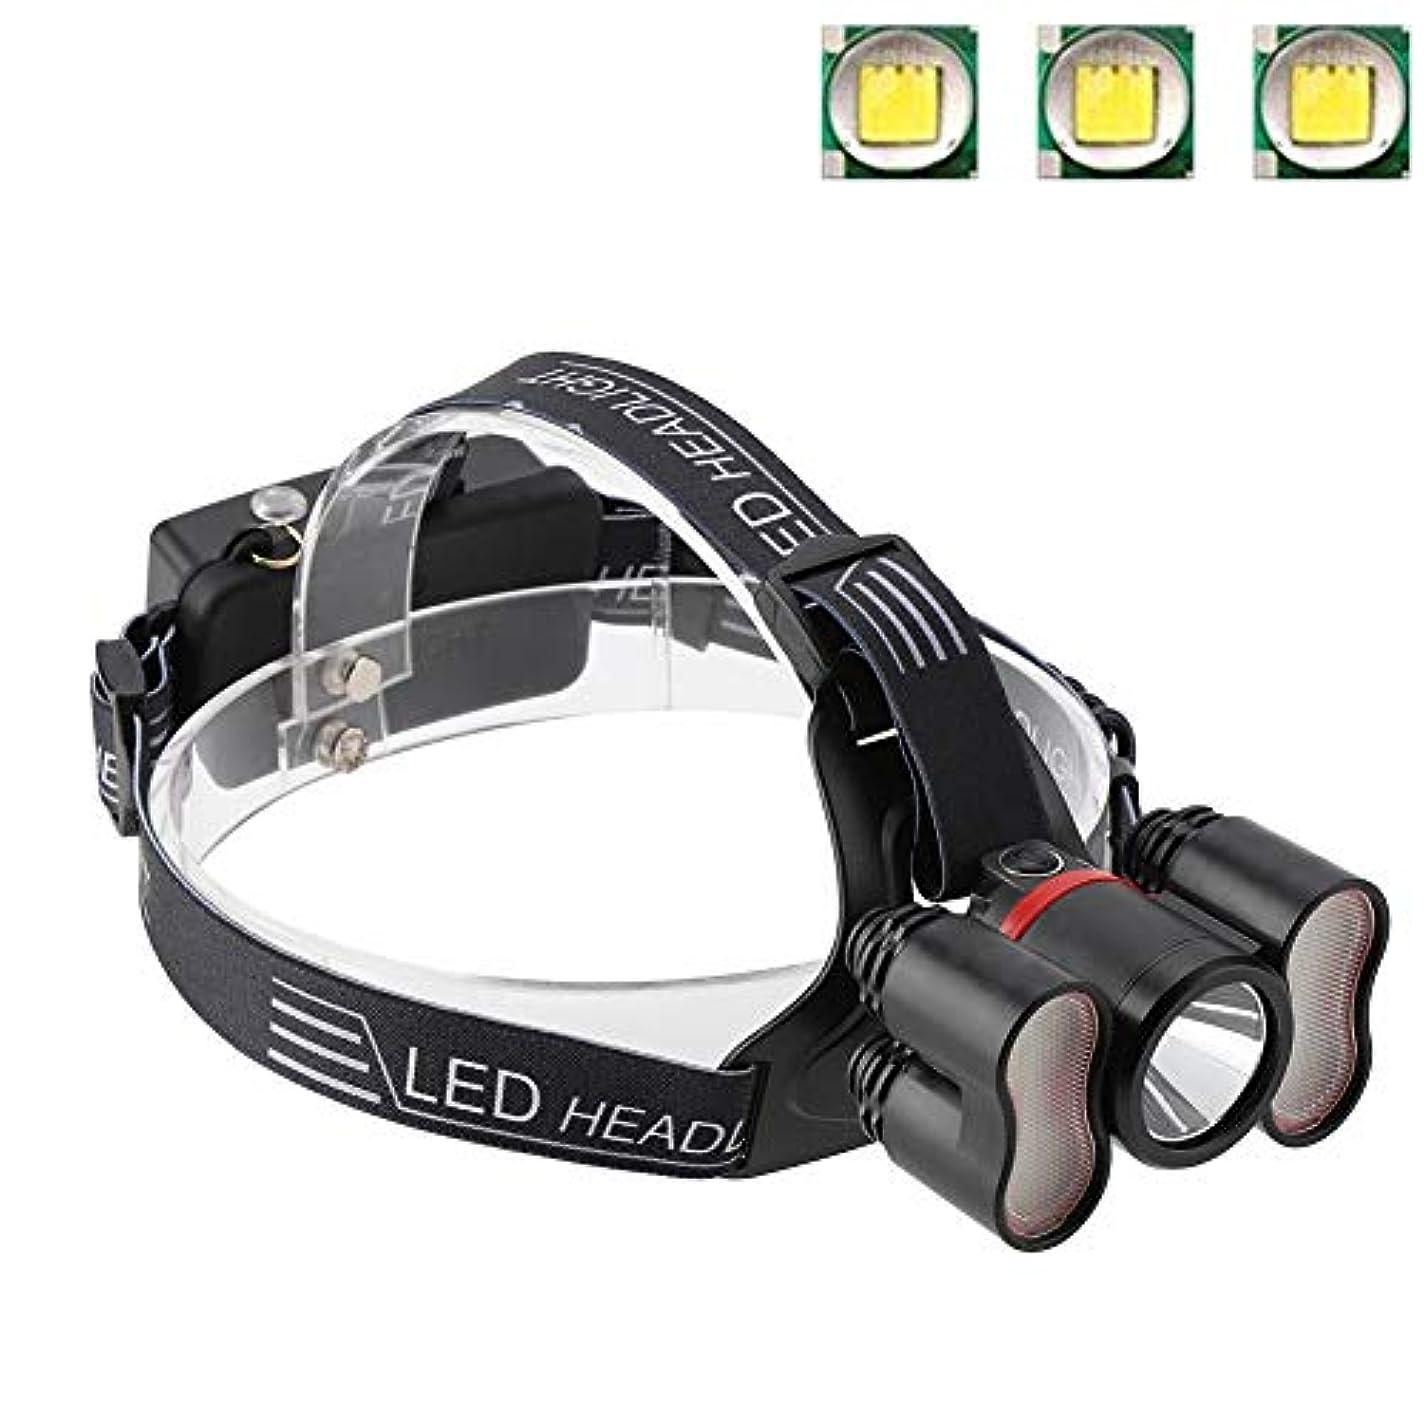 抗生物質マーカーまともなヘッドライト懐中電灯、2000LMヘッドライト18650 LED USB充電式防水トラベルヘッドトーチキャンプランプランニングハイキング釣りに適して(#1)